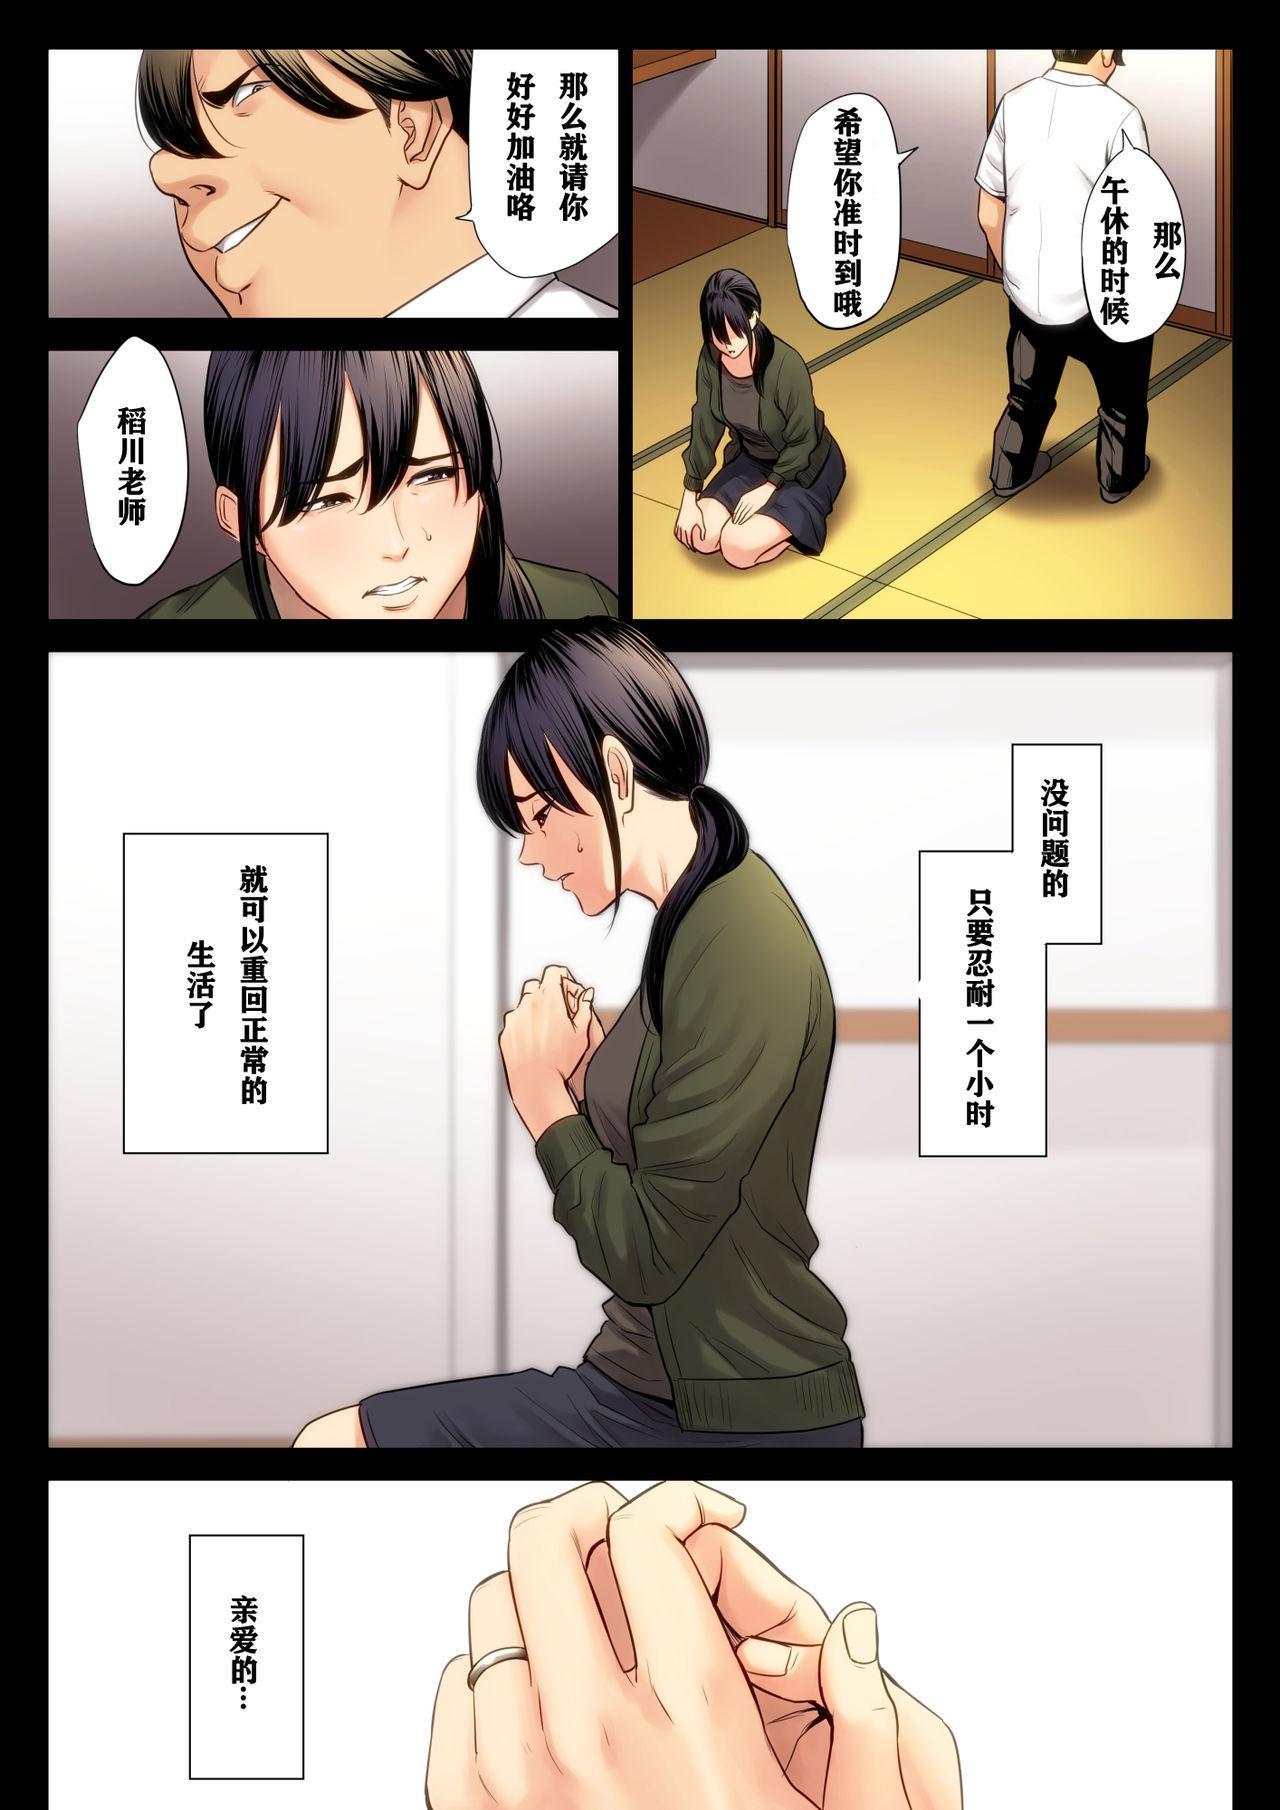 Hametsu no Itte 3 30